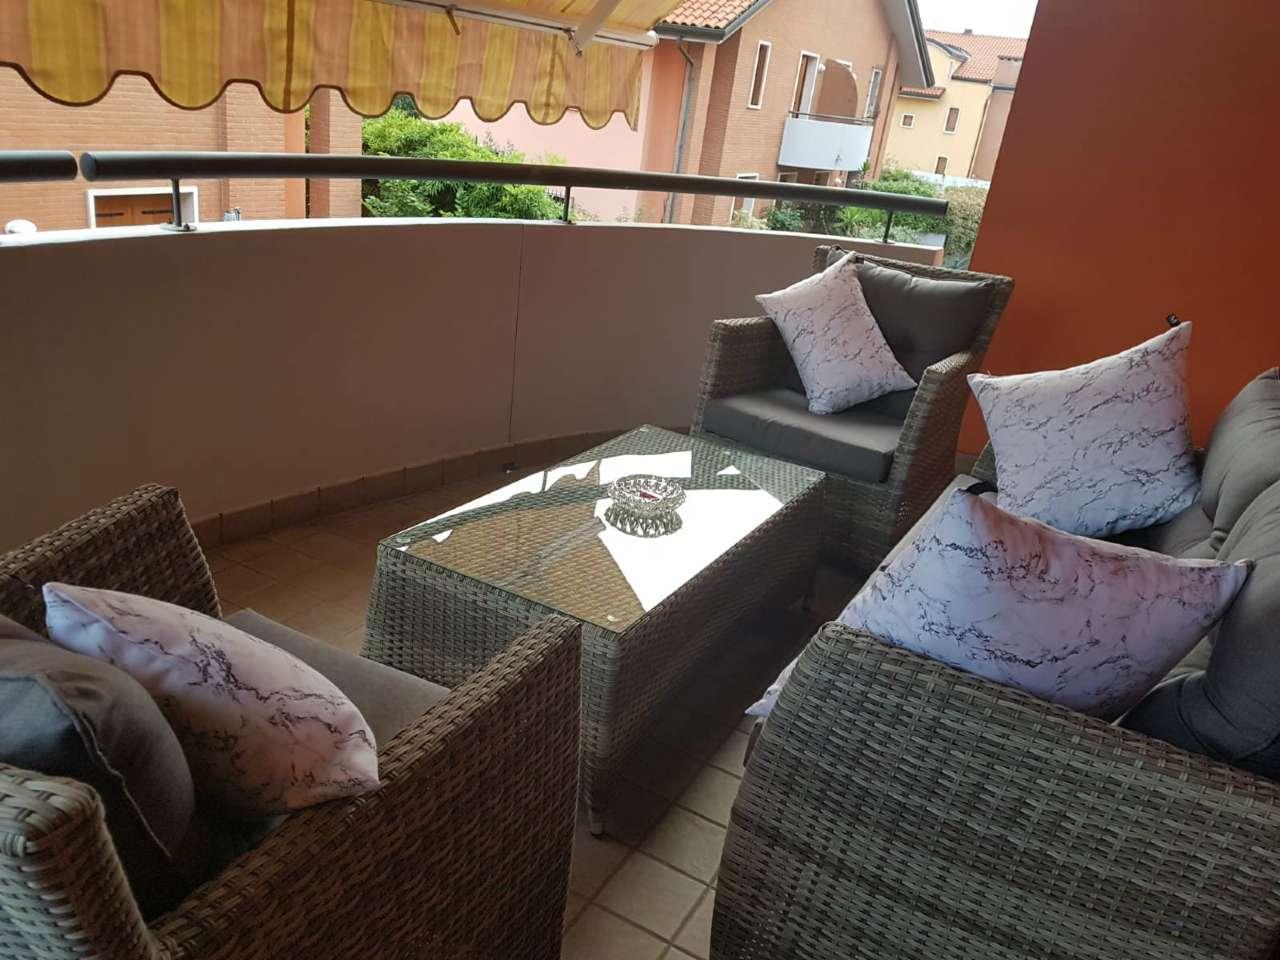 ARCELLA - SAN FILIPPO NERI recente appartamento in contesto residenziale ben tenuto con risc.autonom